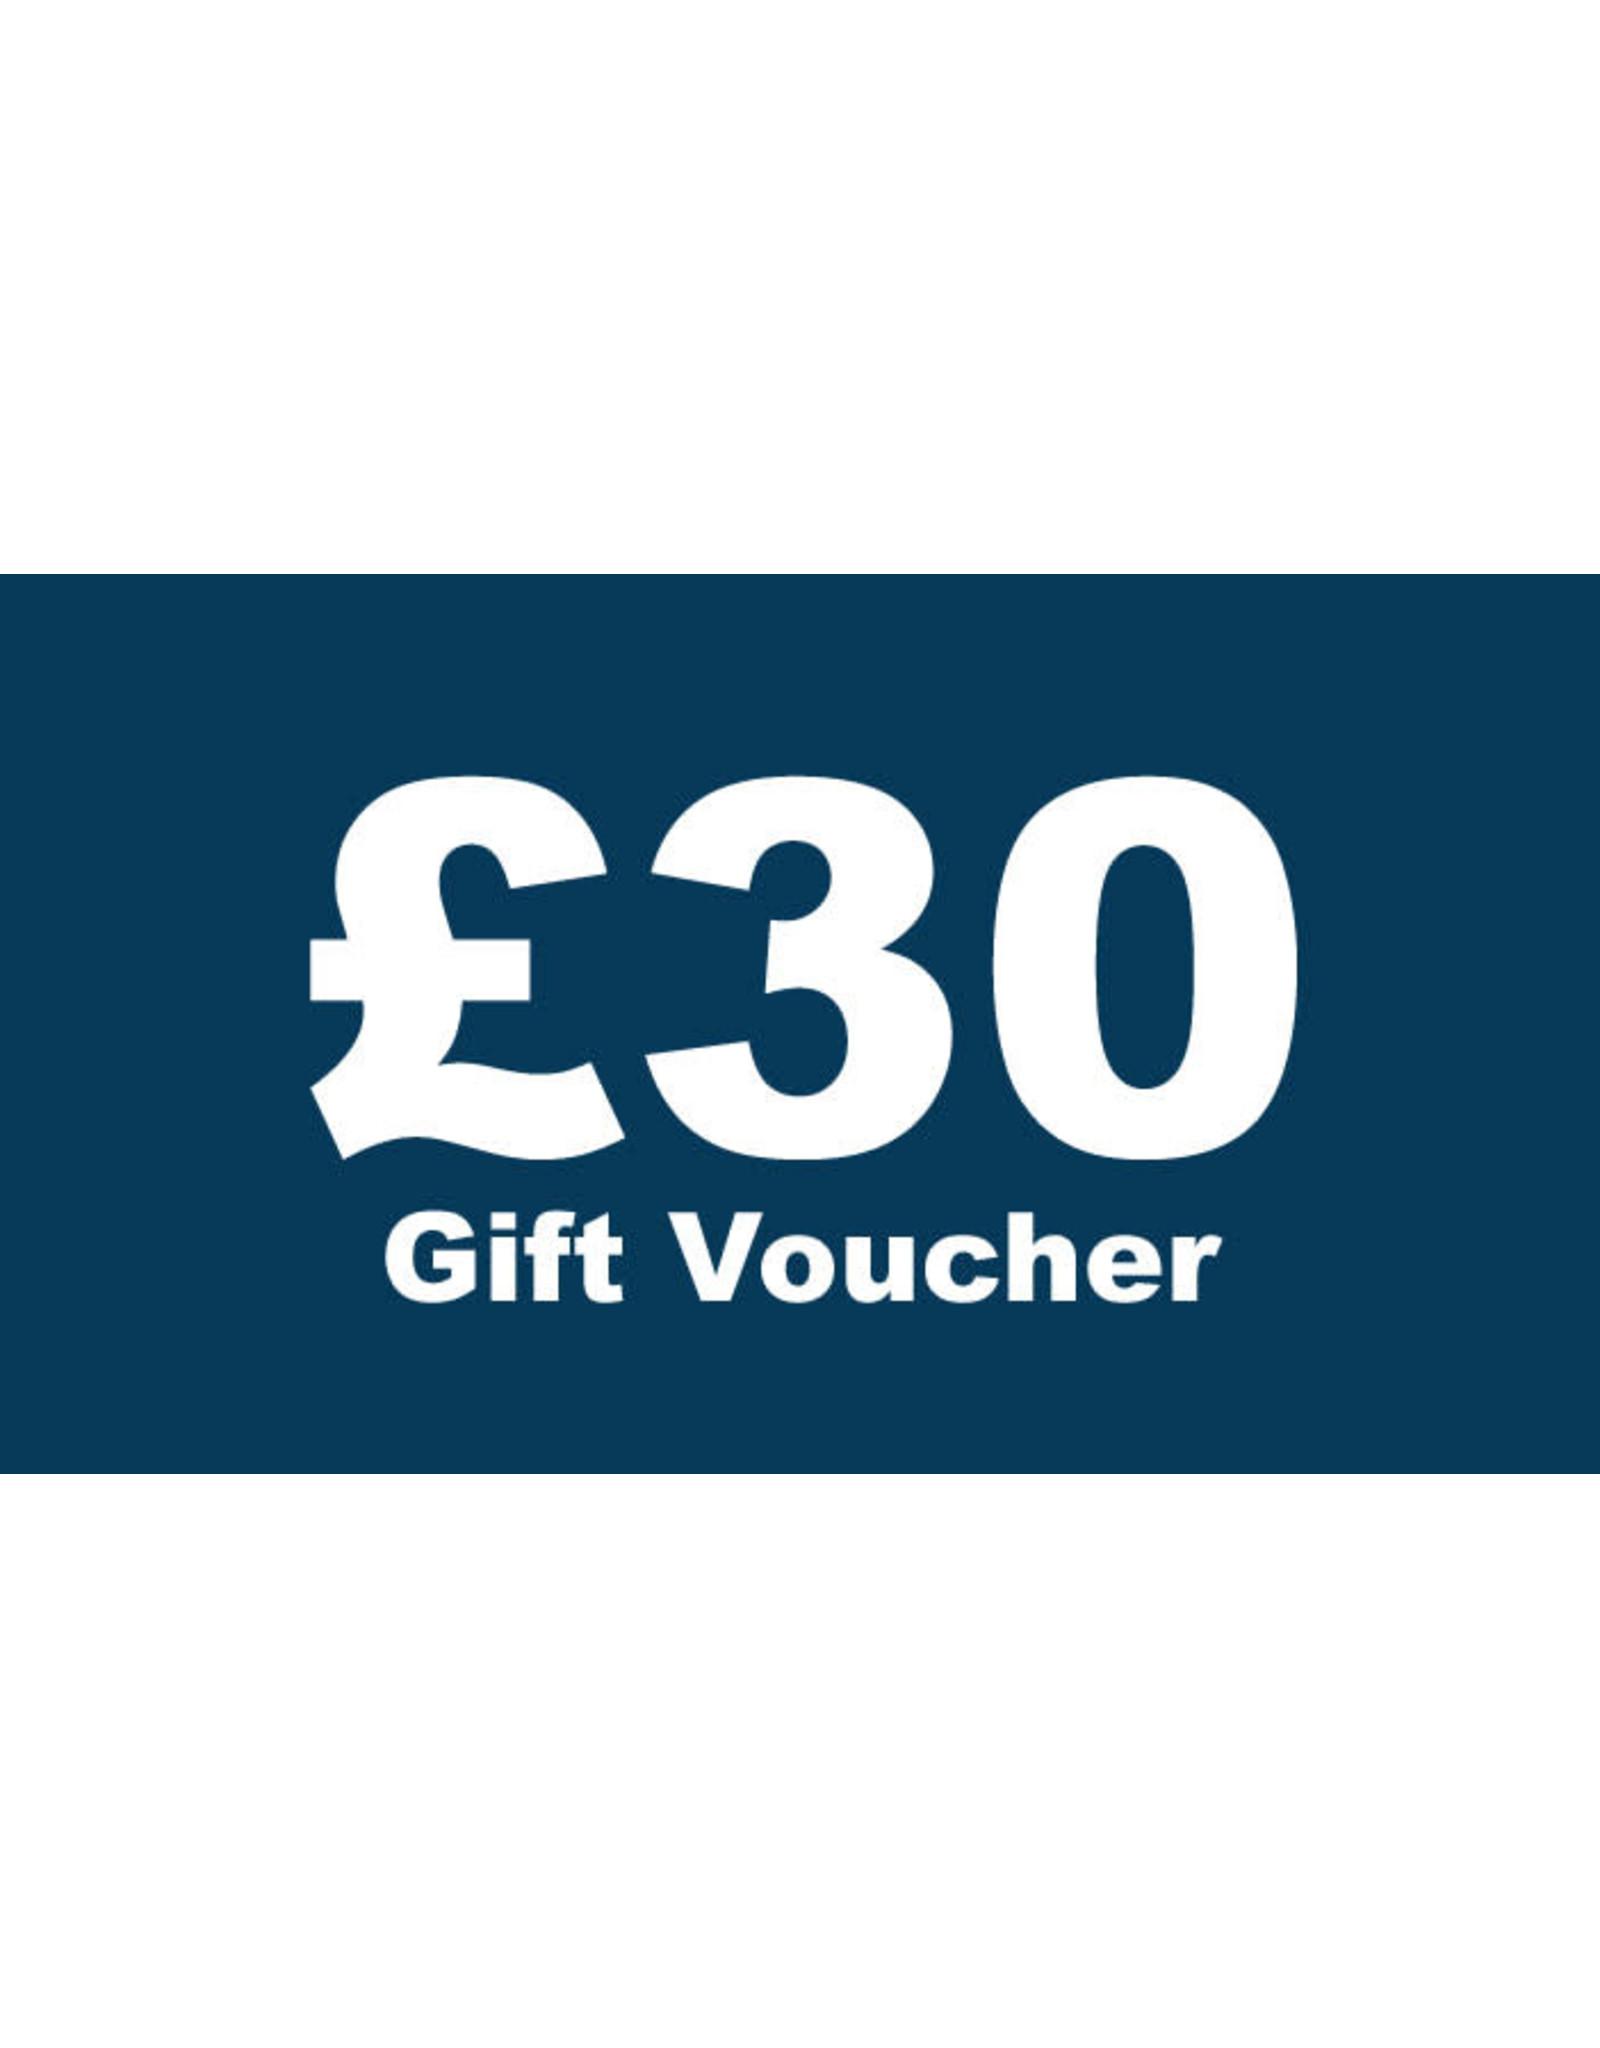 Mamachari Gift Voucher £30